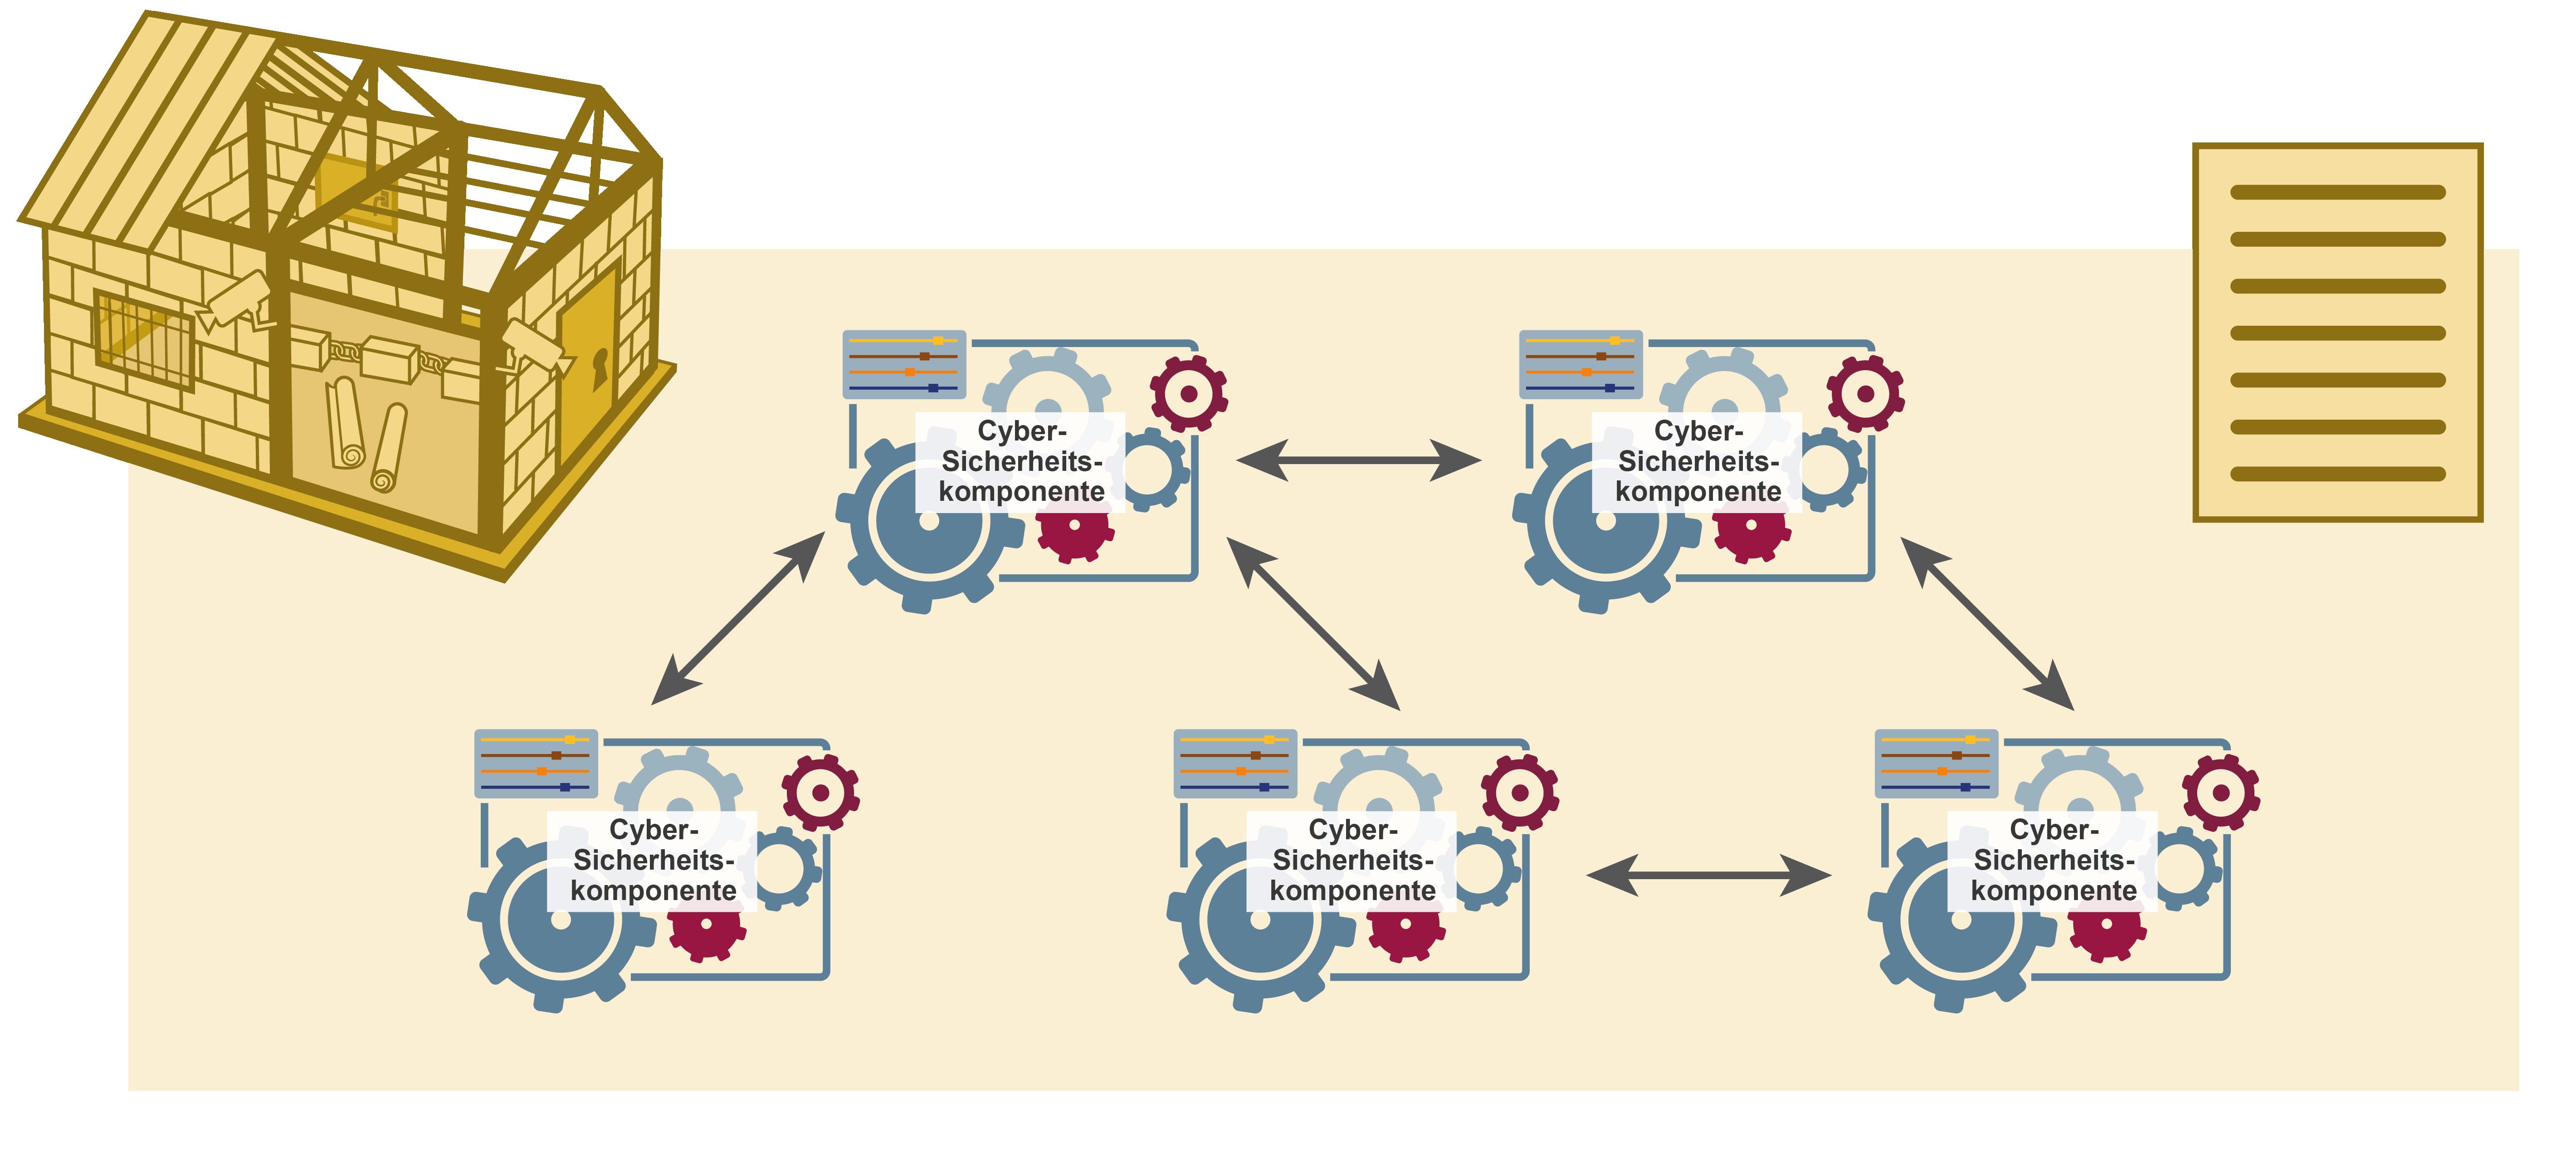 Cyber-Sicherheitsarchitekturen – Glossar Cyber-Sicherheit – Prof. Norbert Pohlmann